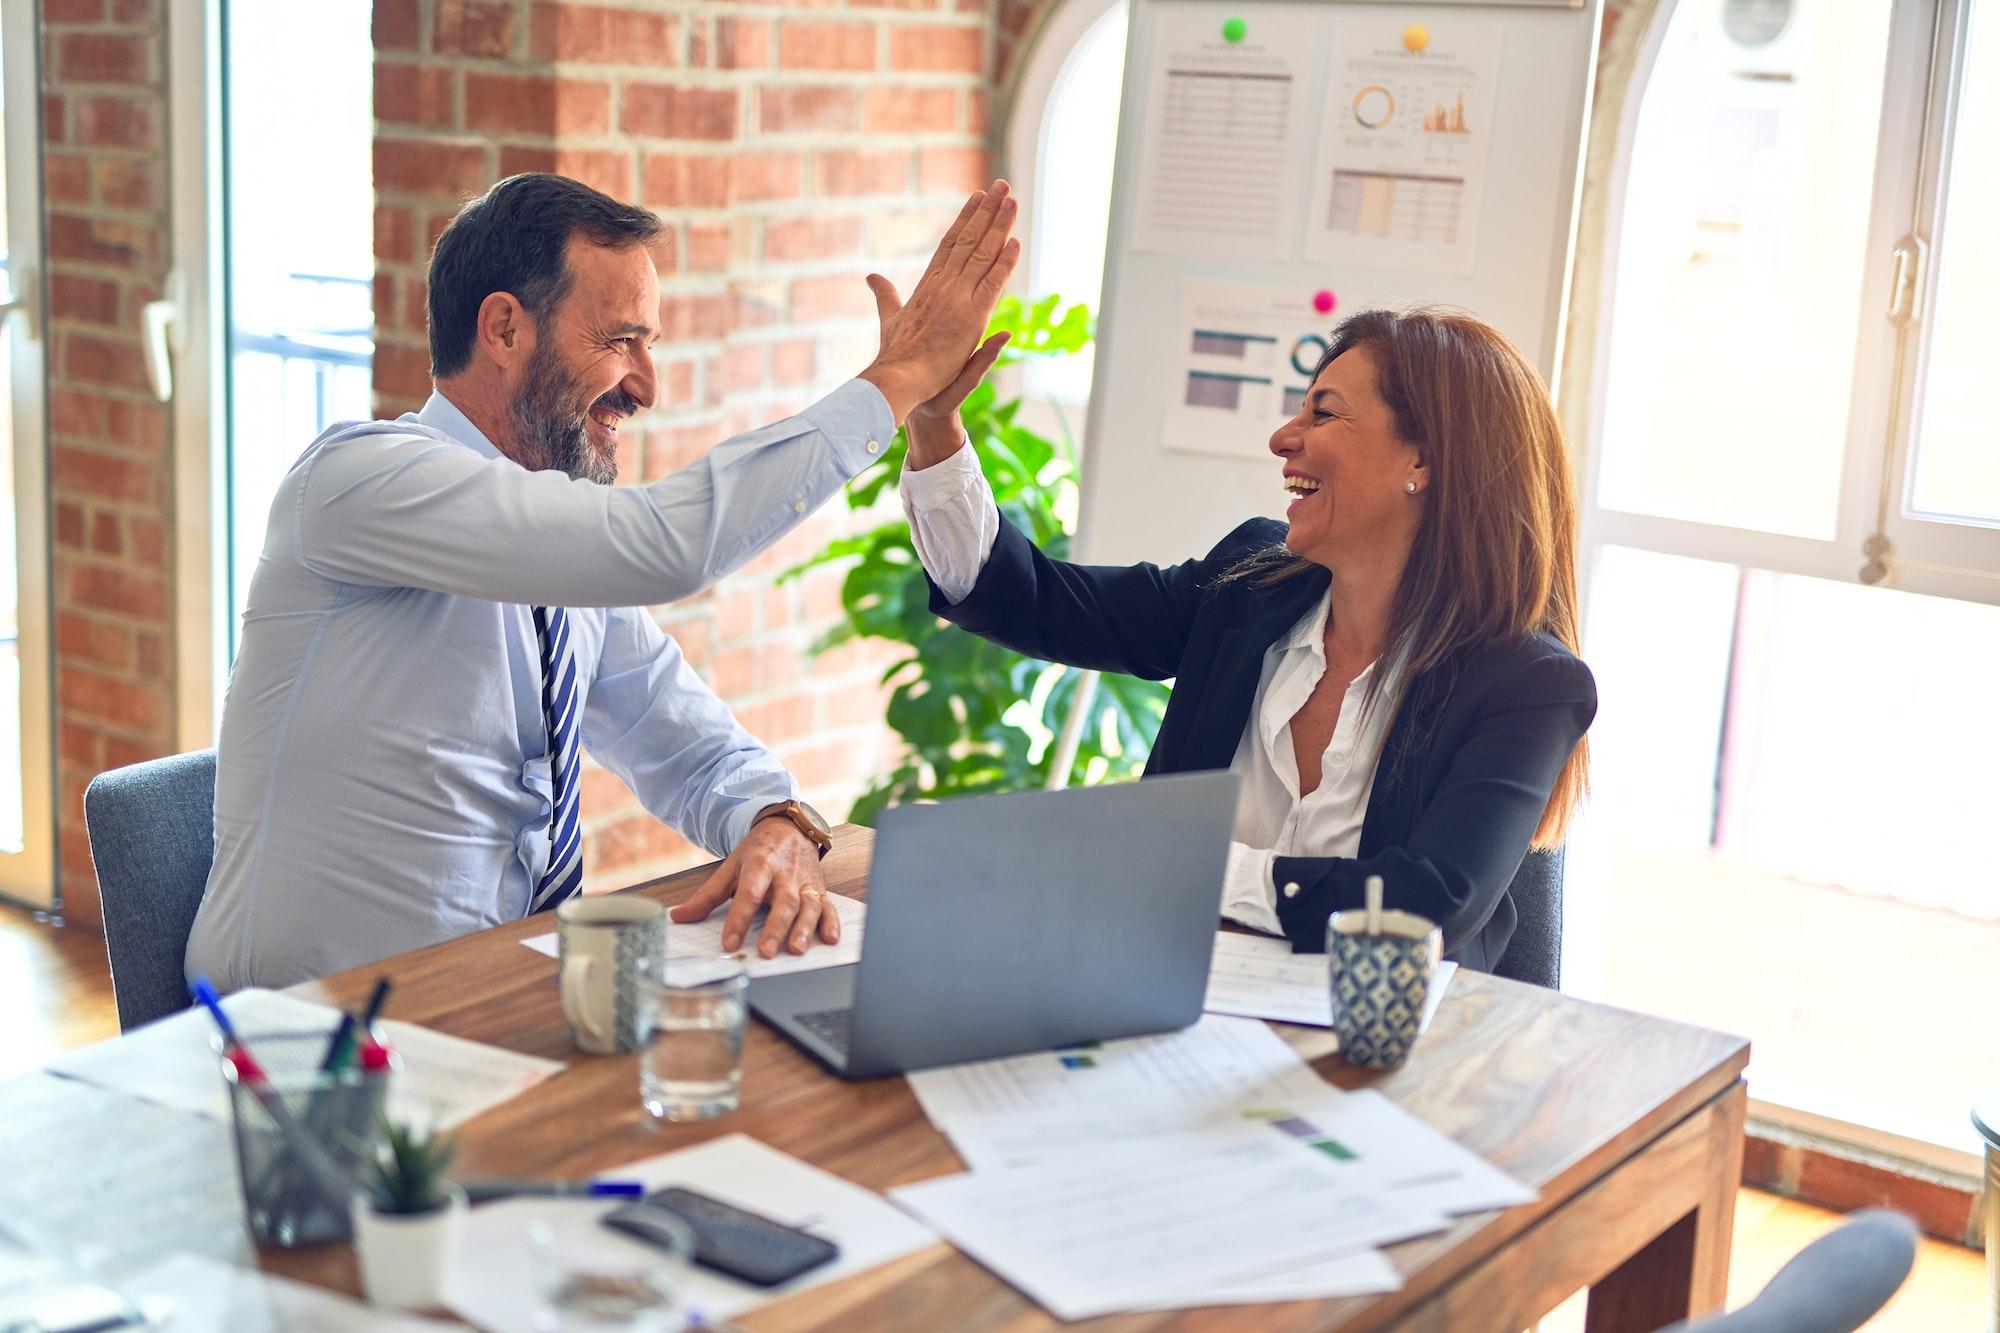 Làm việc nhóm giúp hiệu suất công việc cao hơn